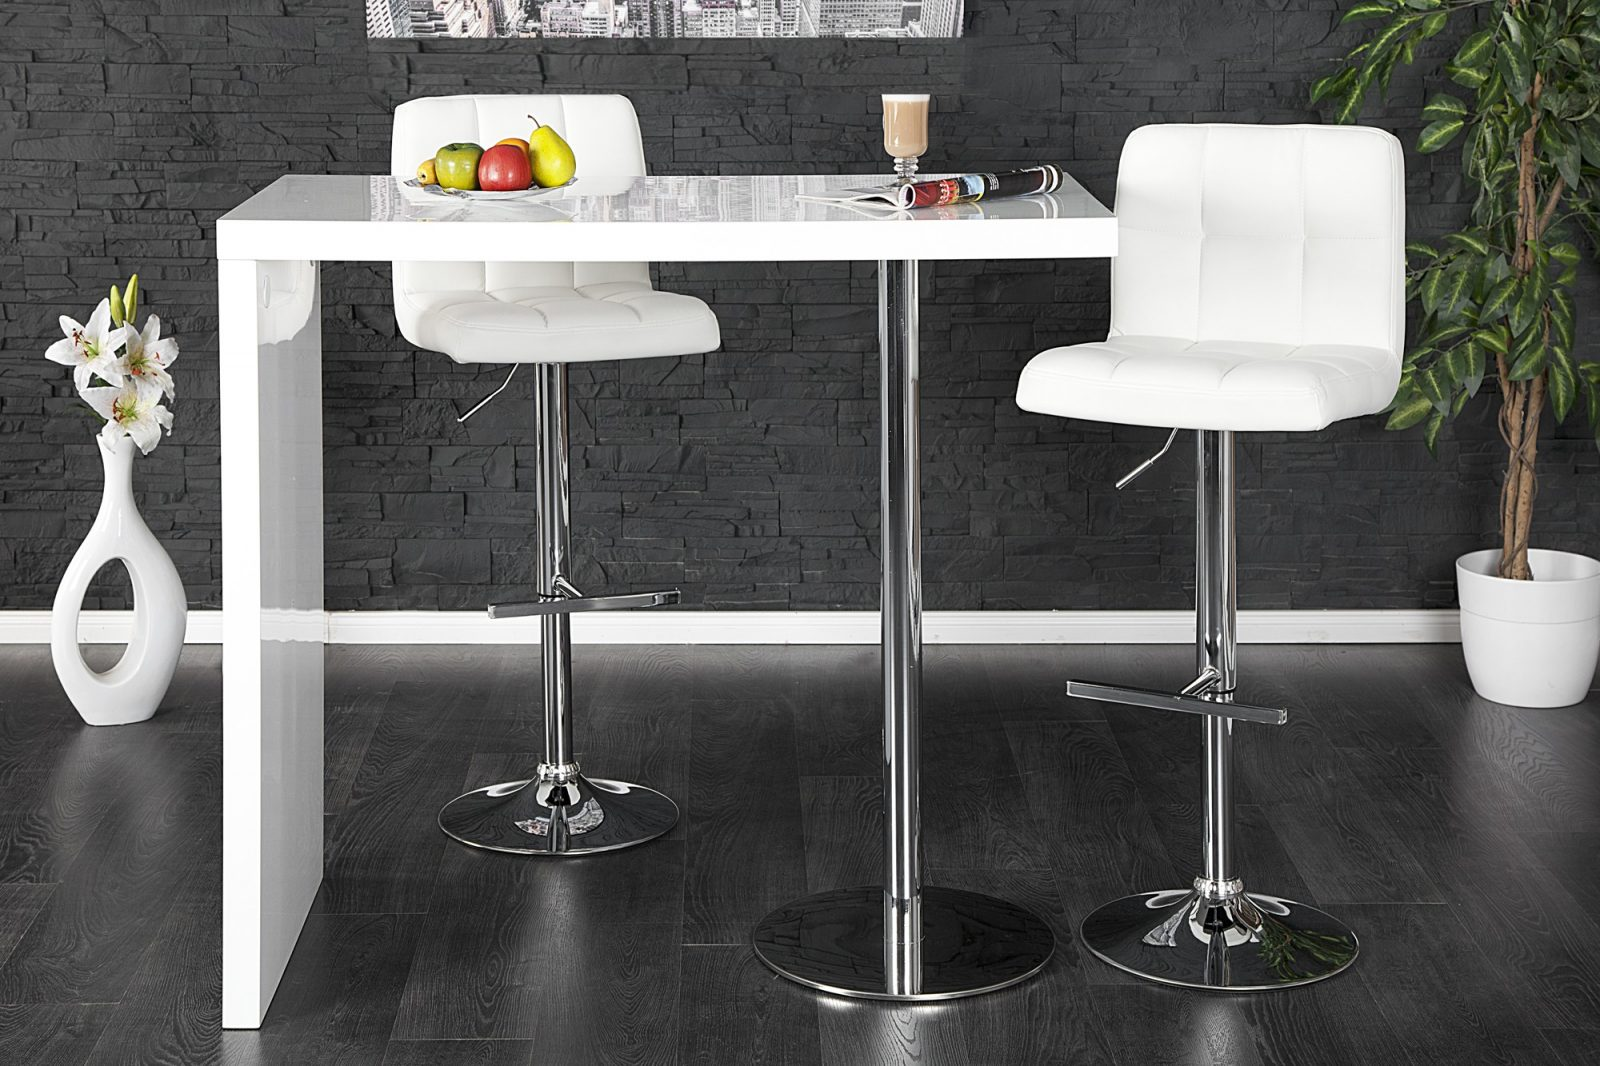 mesa-de-cocina-alta-con-diseno-singular.jpg